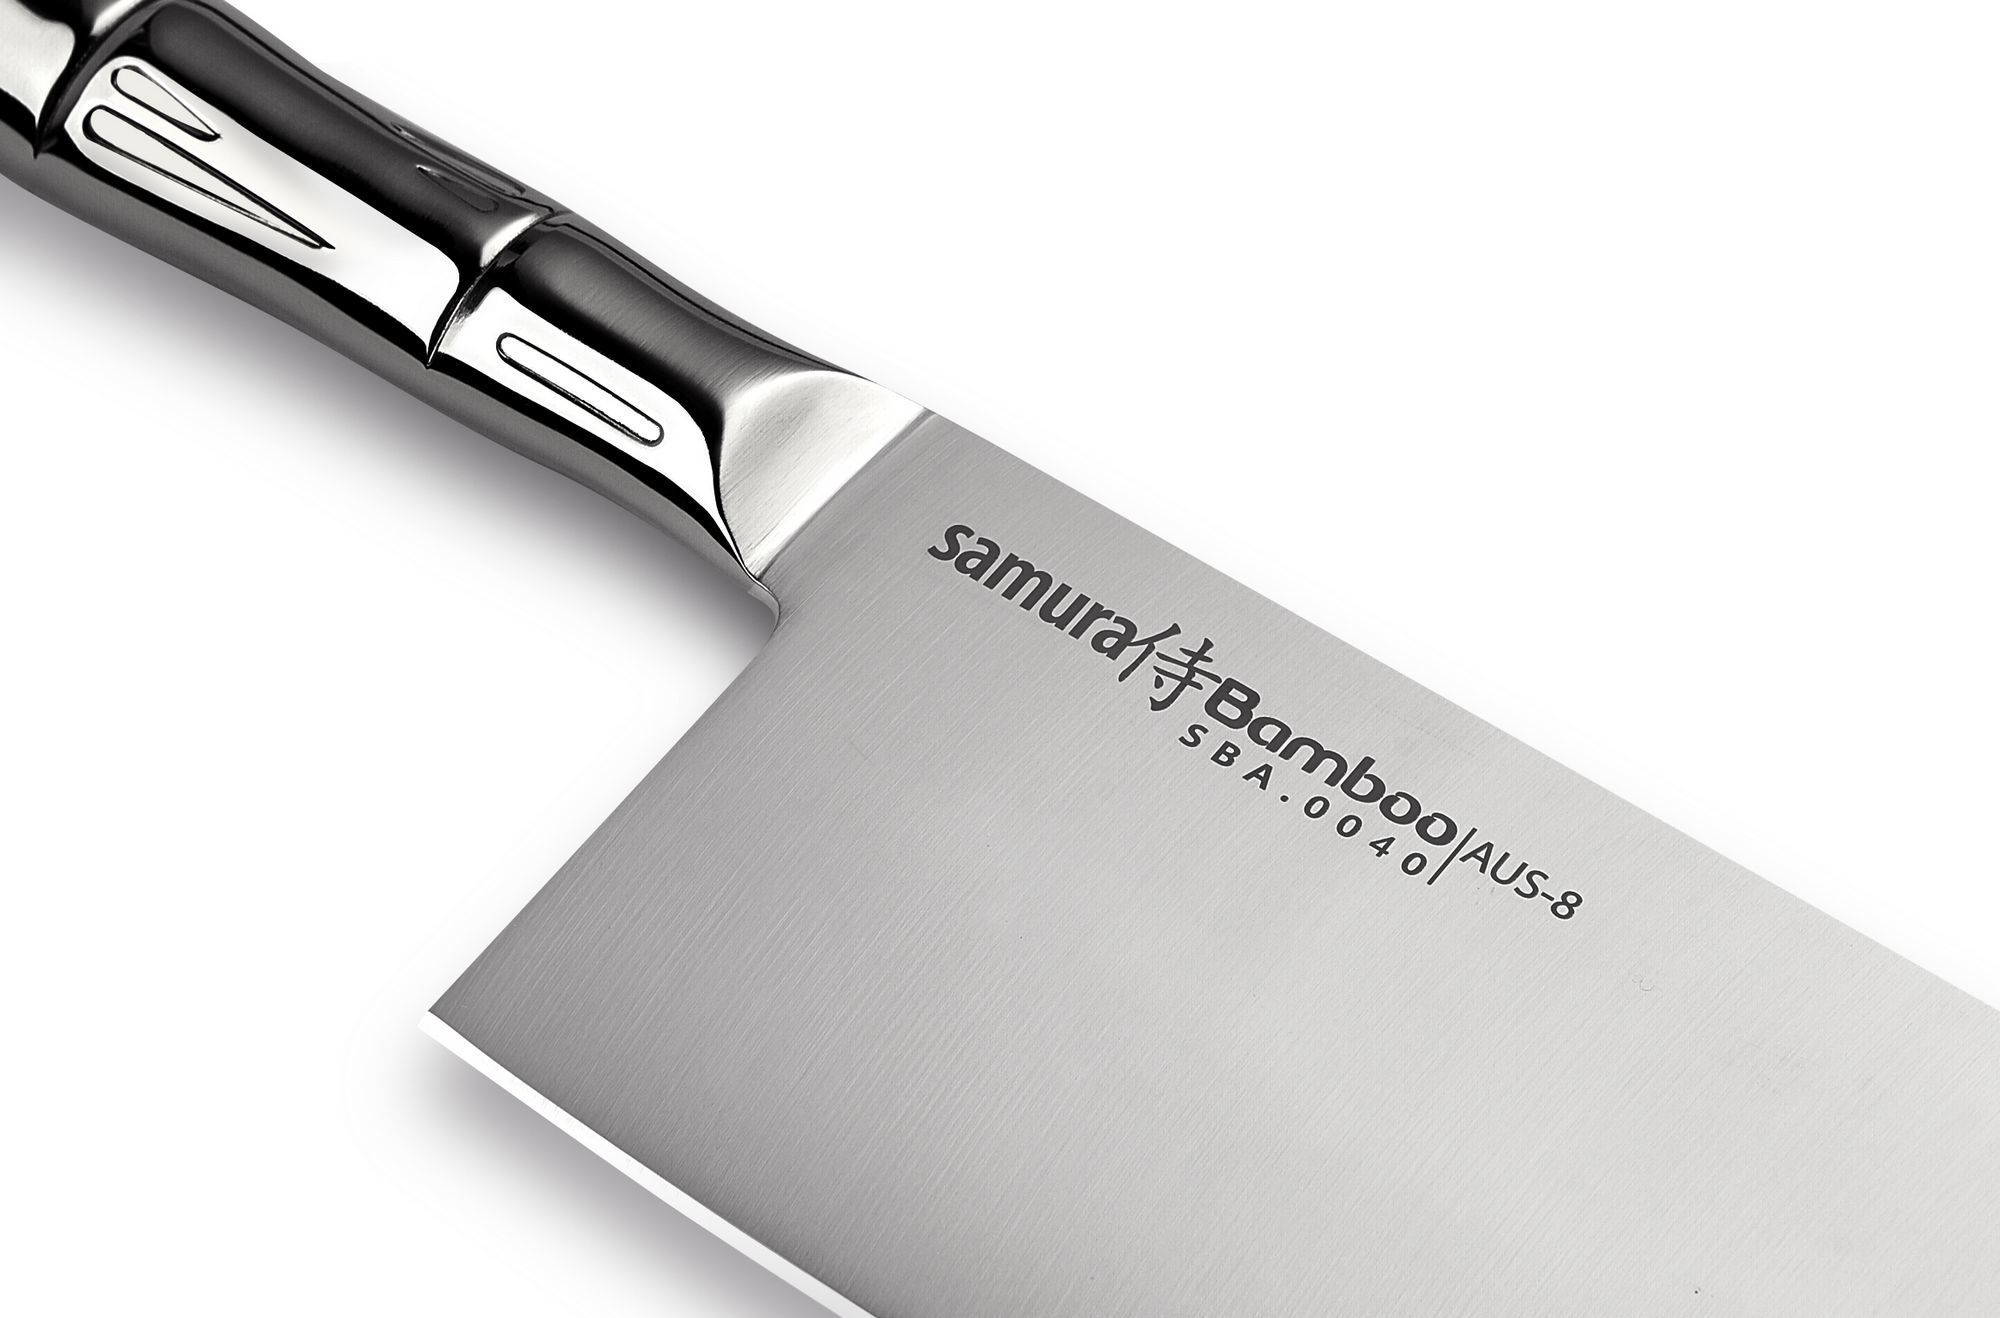 Фото 6 - Топорик кухонный для рубки мяса Samura Bamboo - SBA-0040, сталь AUS-8, рукоять сталь, 180 мм